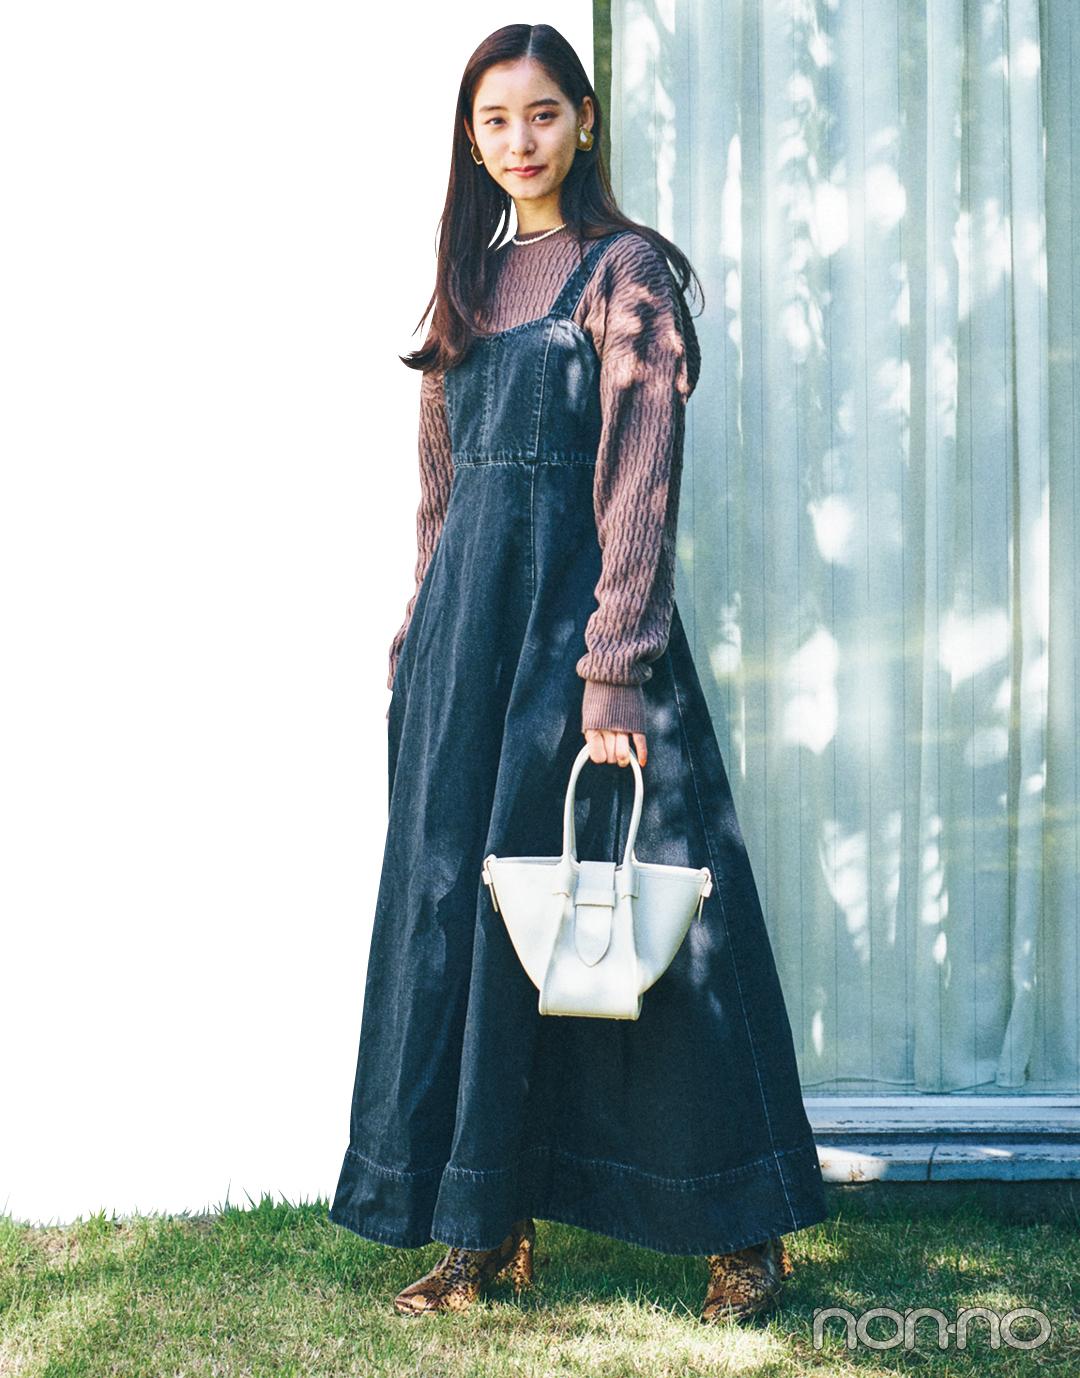 新木優子の冬私服♡ 今すぐマネしたい! ZARAなどお気に入りブランドで最新コーデを披露_1_7